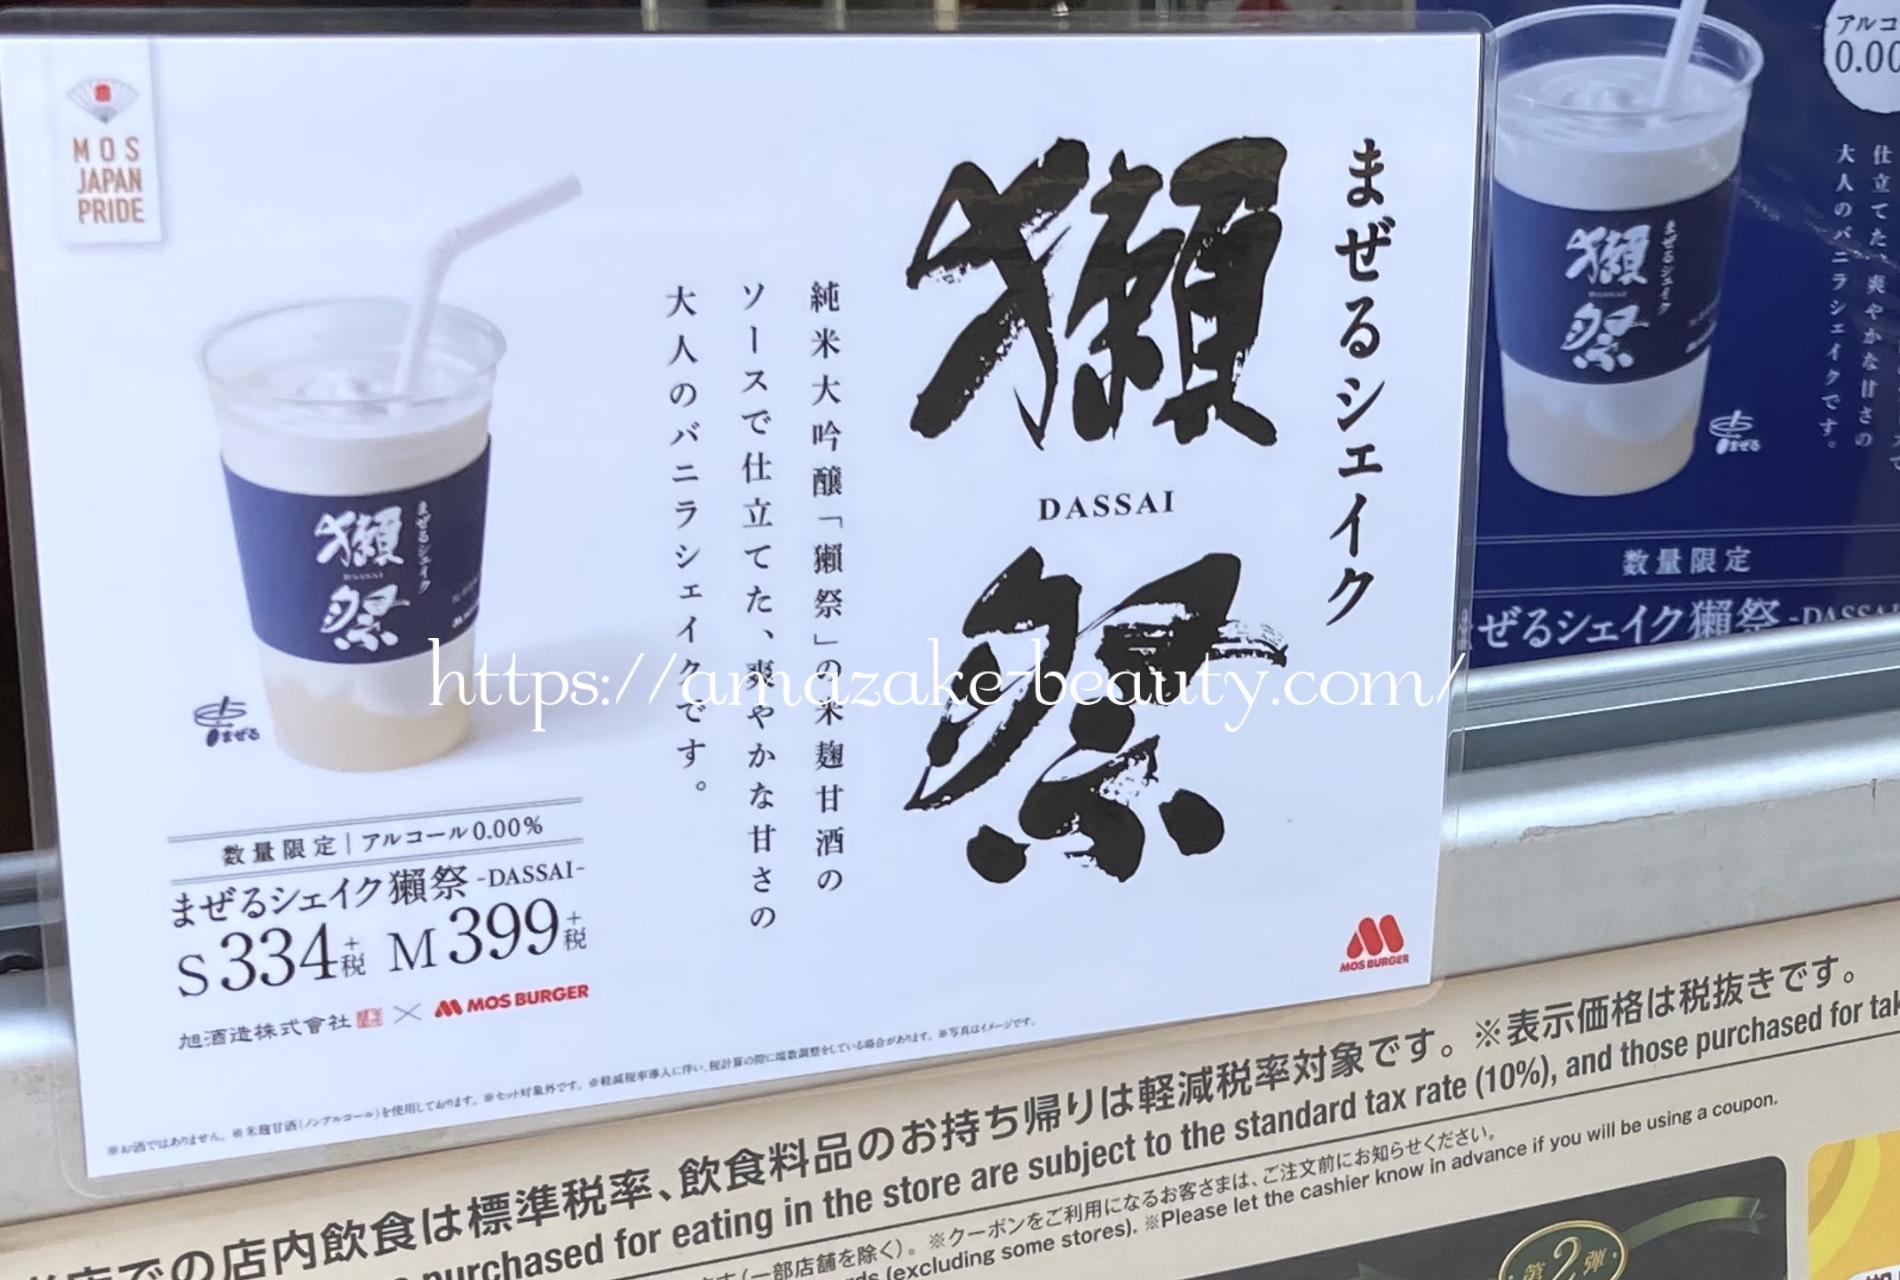 [amazake cafe] mosubaga[mazeru shieiku dassai](description)